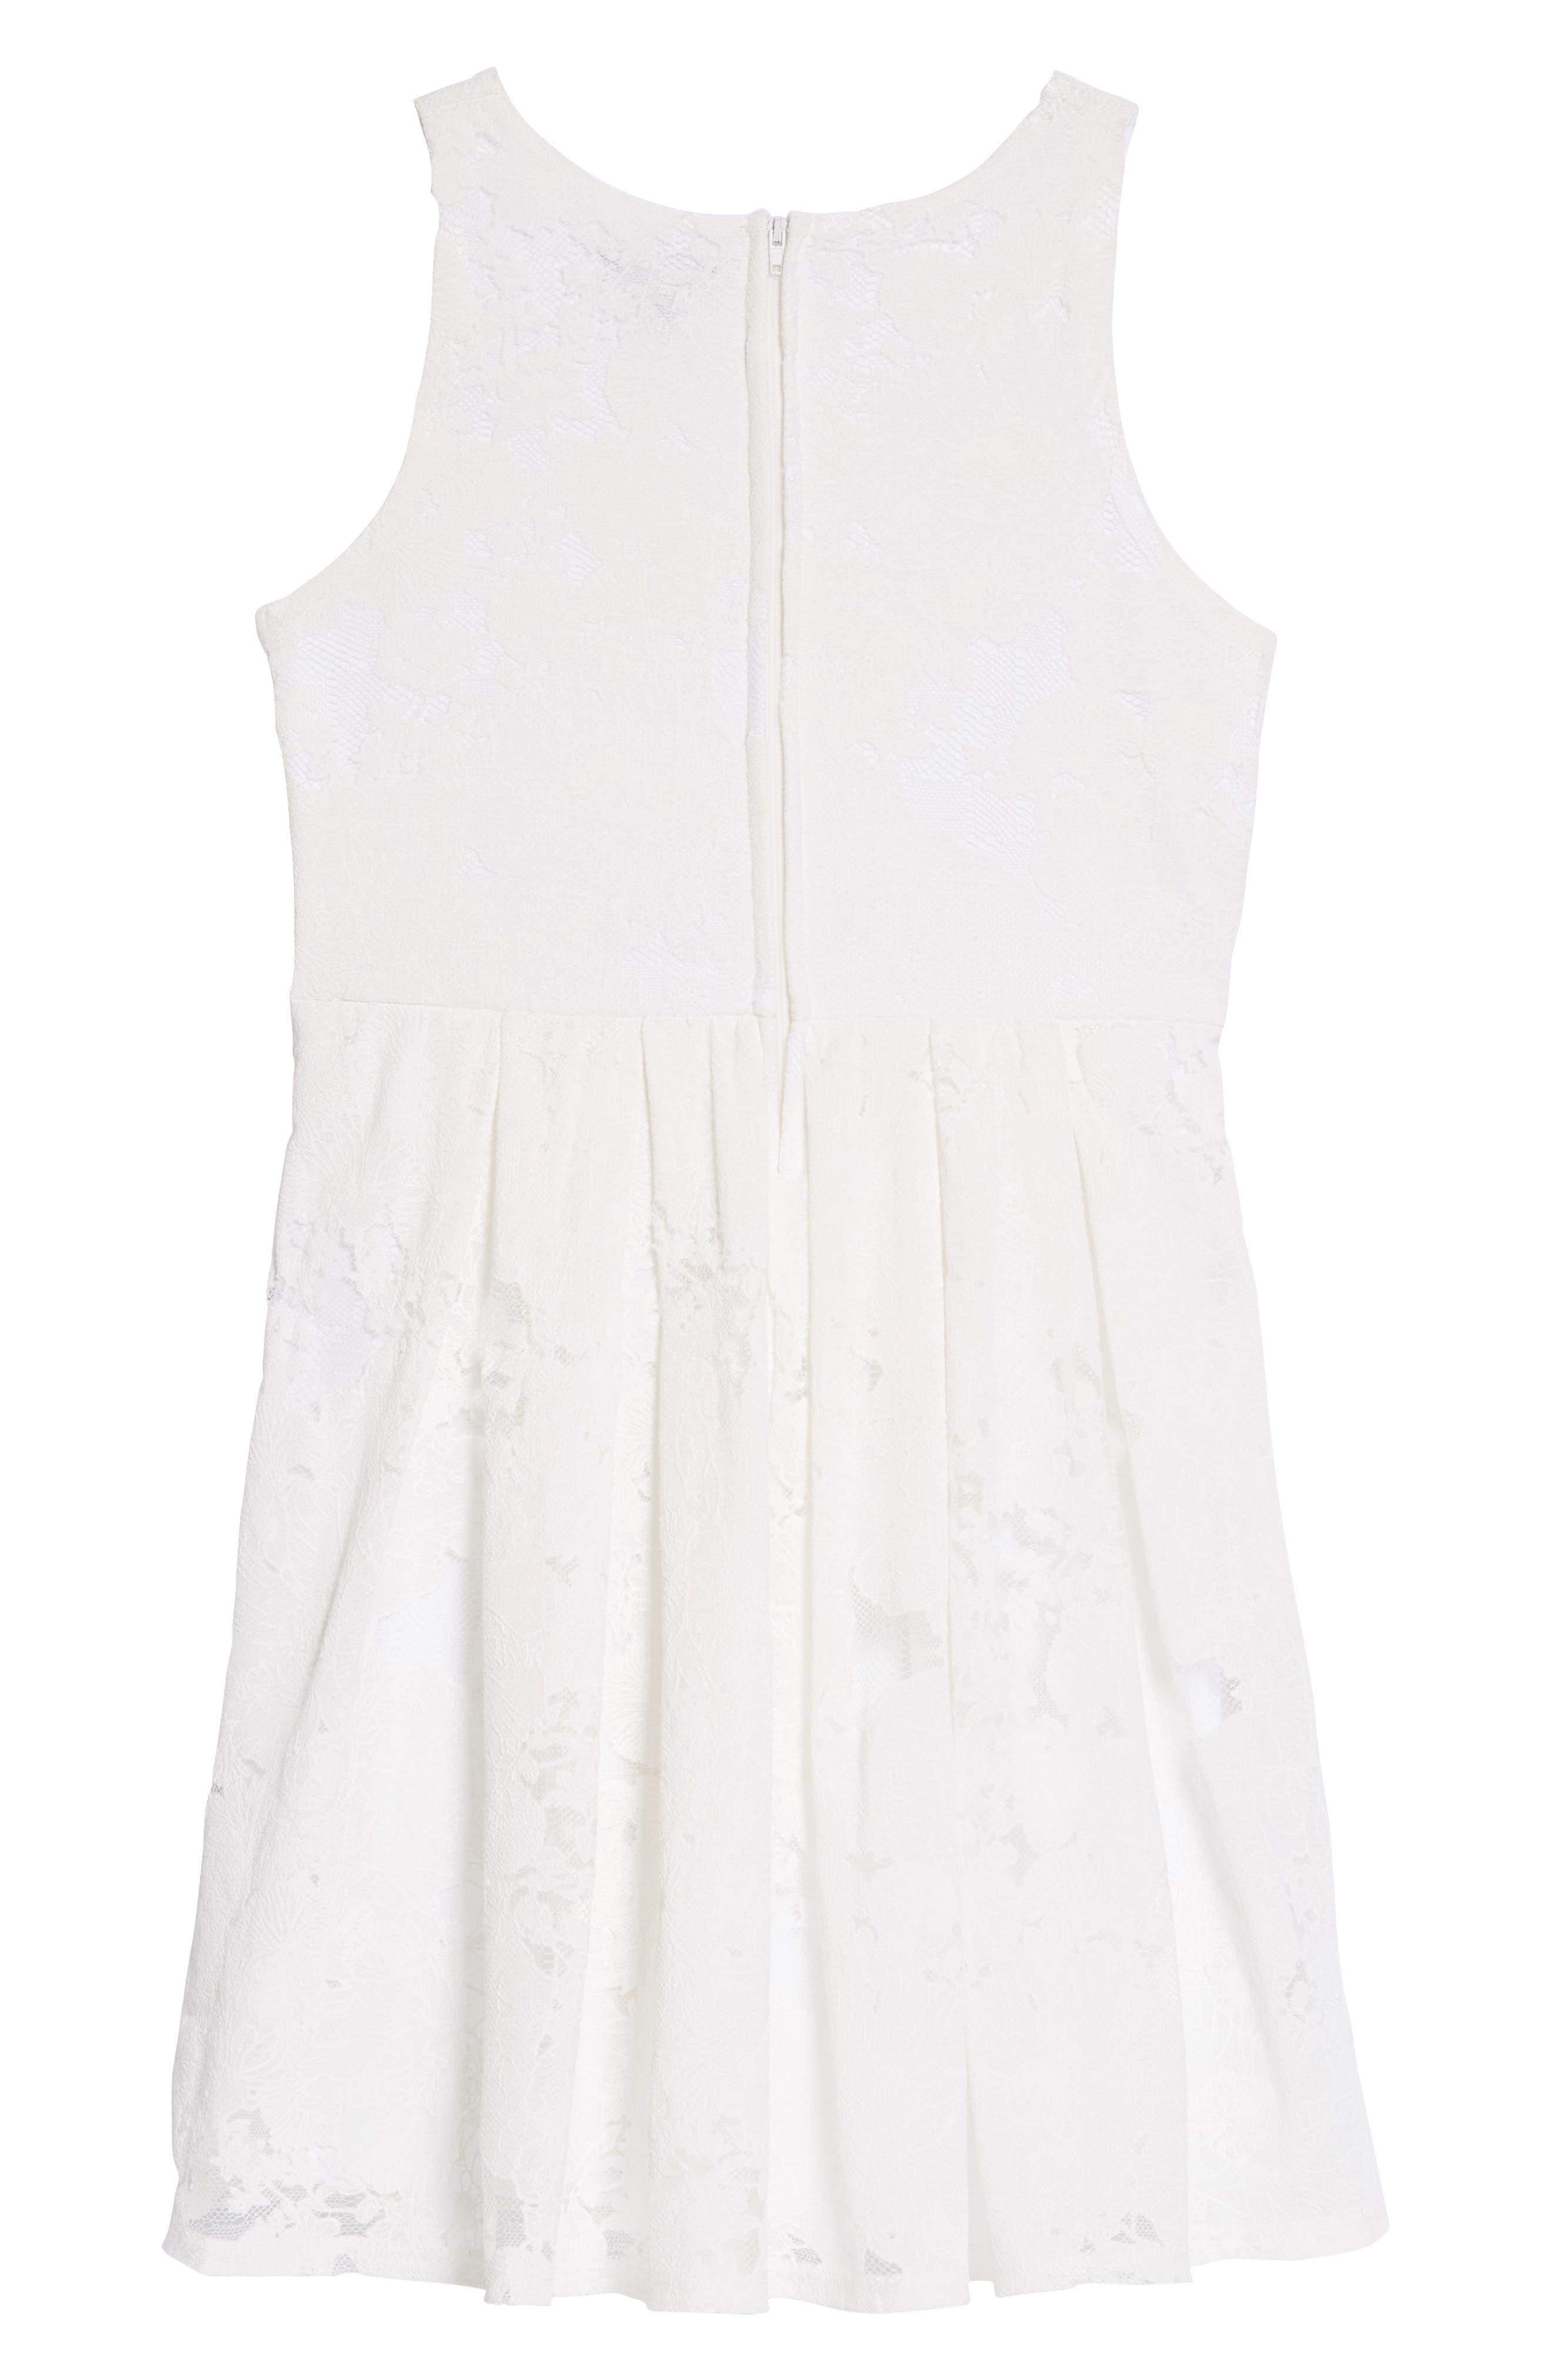 Lace Overlay Skater Dress,                             Alternate thumbnail 2, color,                             WHITE